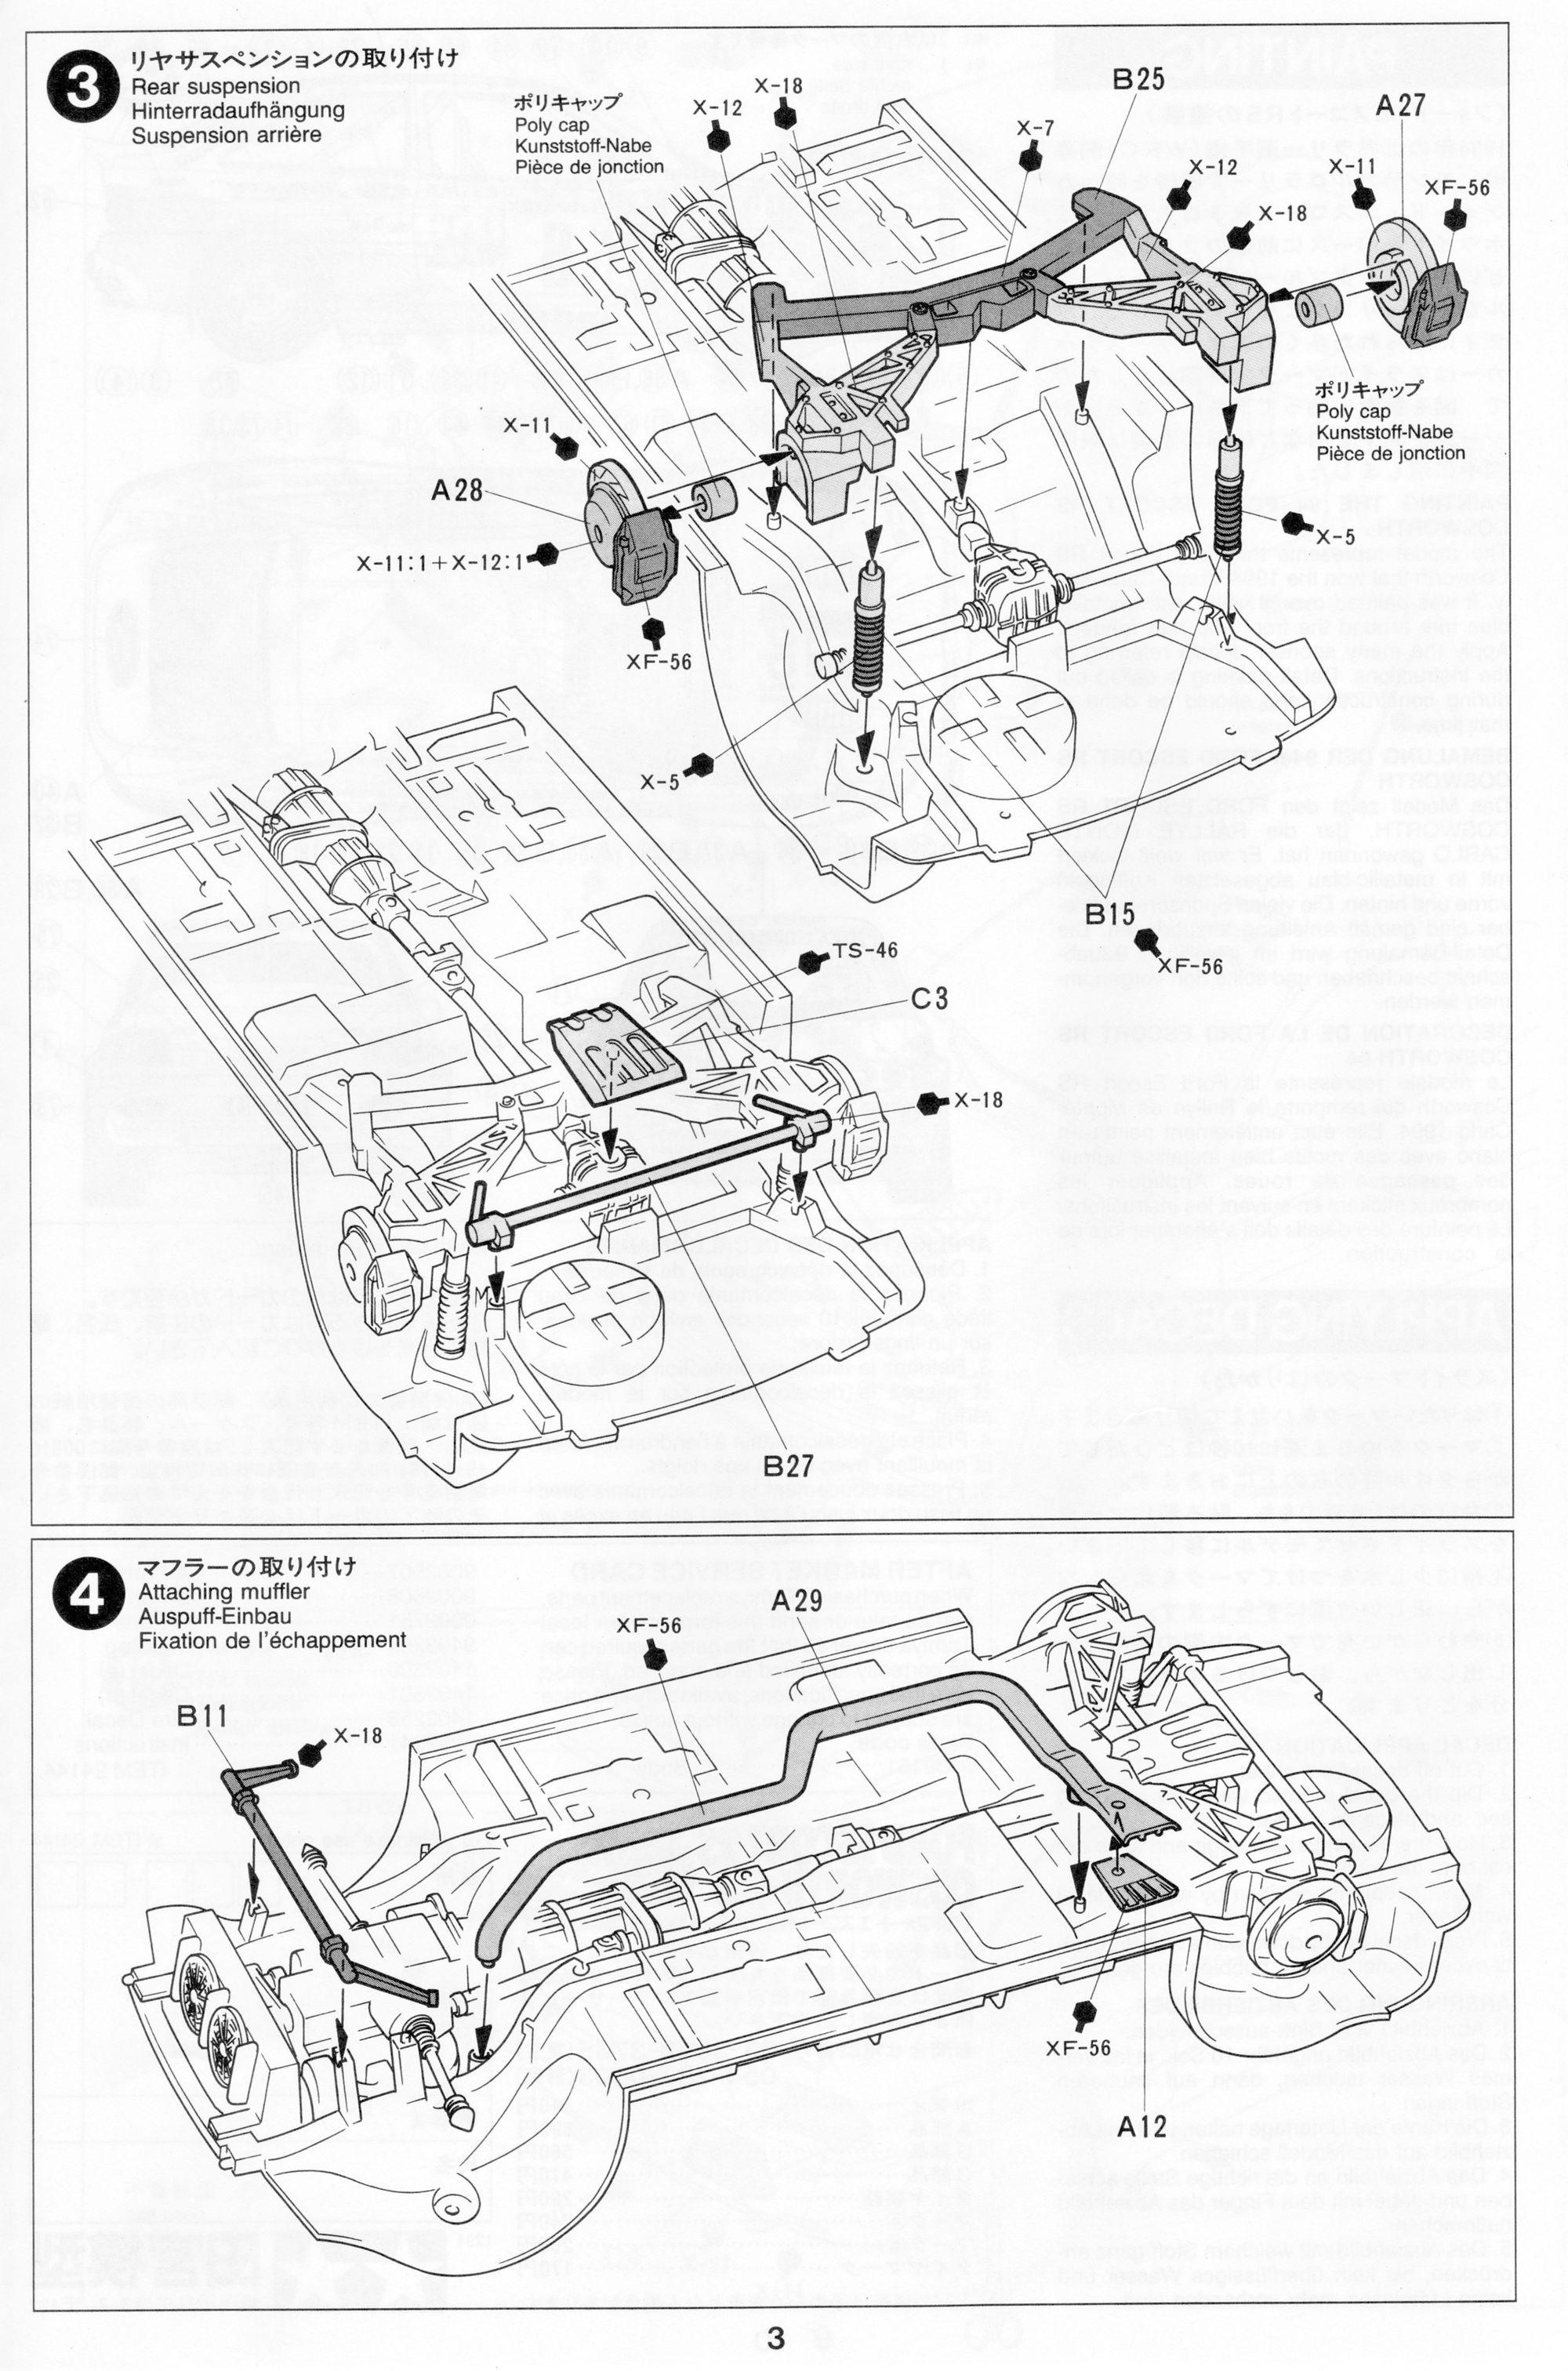 Pin on Tamiya 1/24 Ford Escort RS